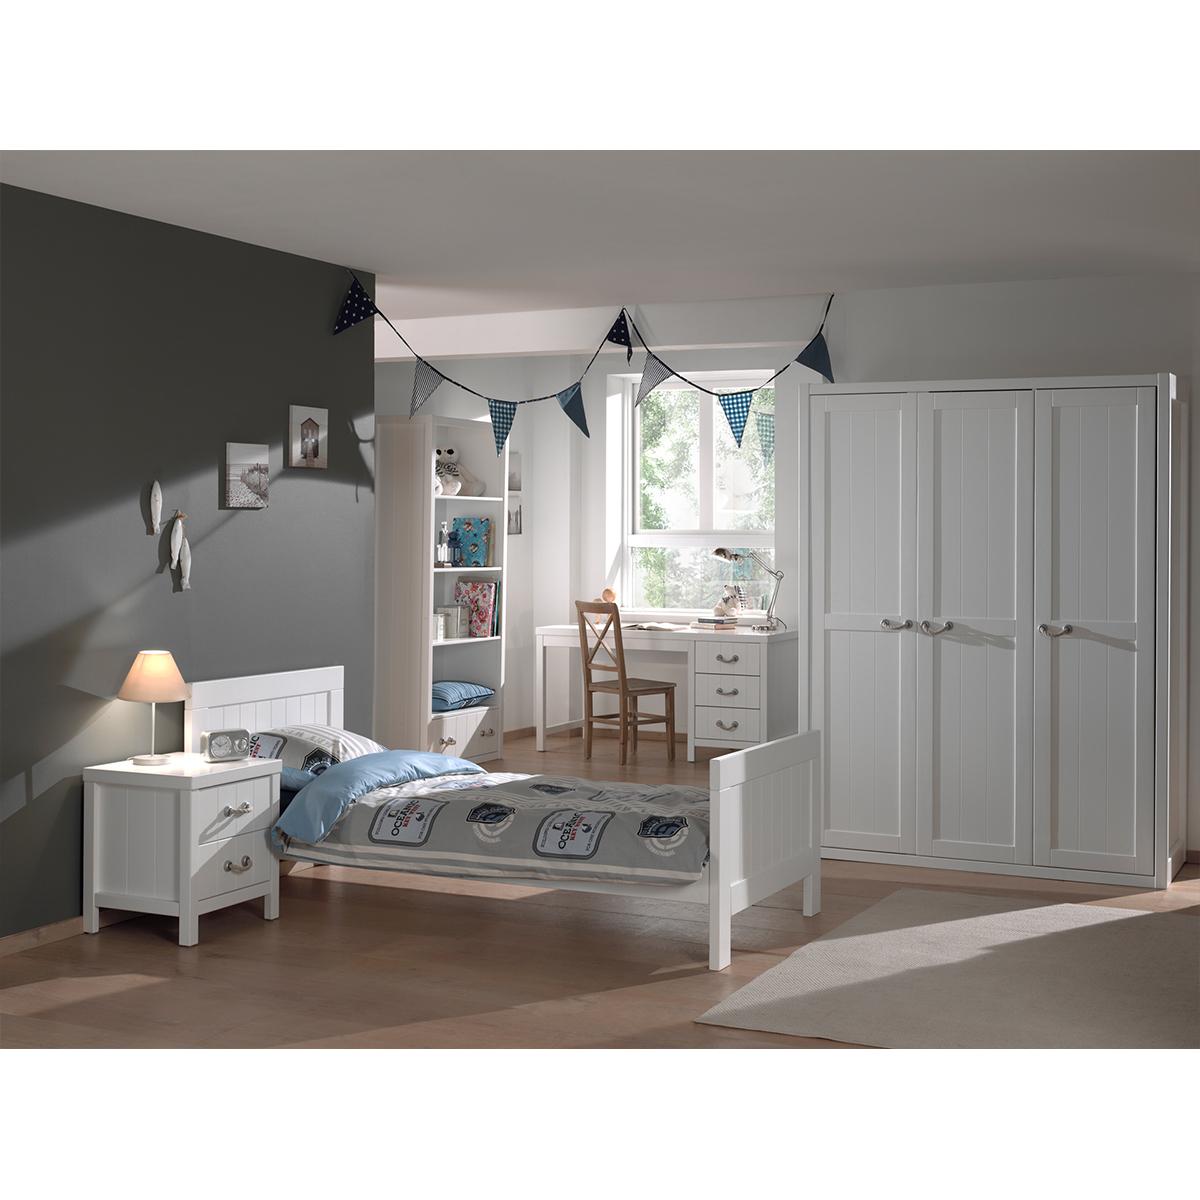 Lit 90x200 - Chevet 2 tiroirs - Armoire 3 portes - Bureau et Bibliothèque Vipack Lewis - Blanc